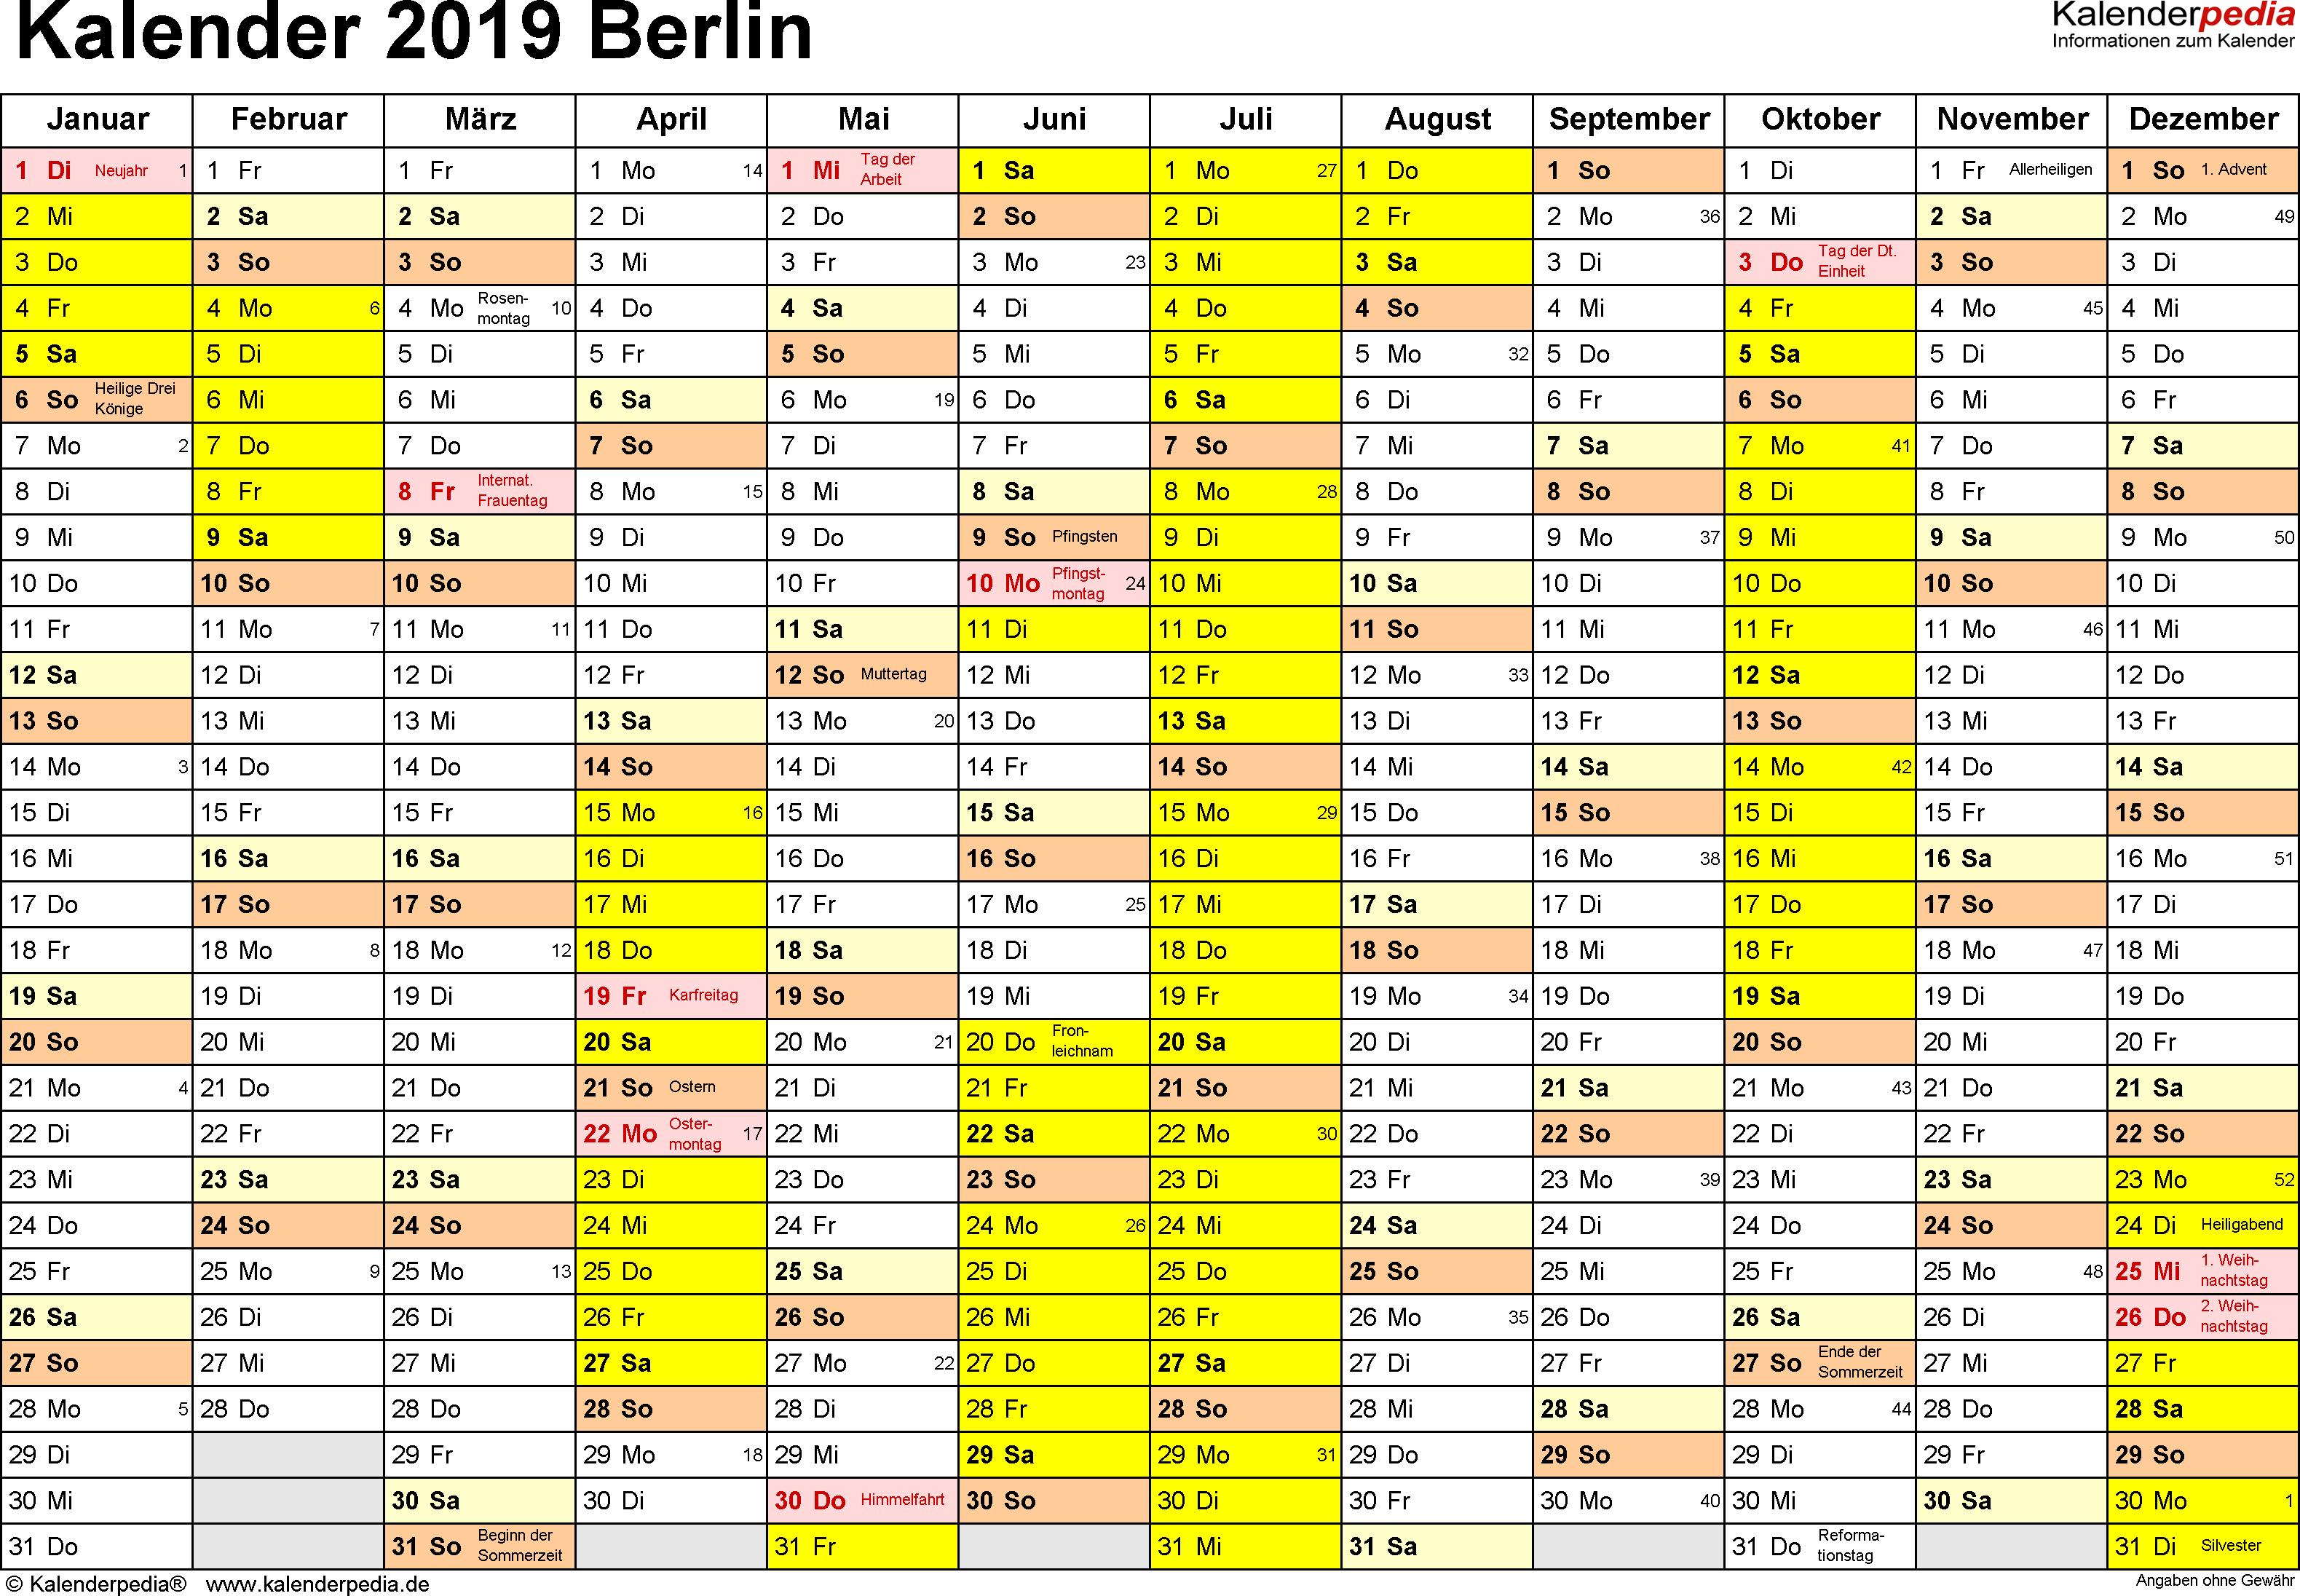 Vorlage 1: Kalender 2019 für Berlin als PDF-Vorlagen (Querformat, 1 Seite)